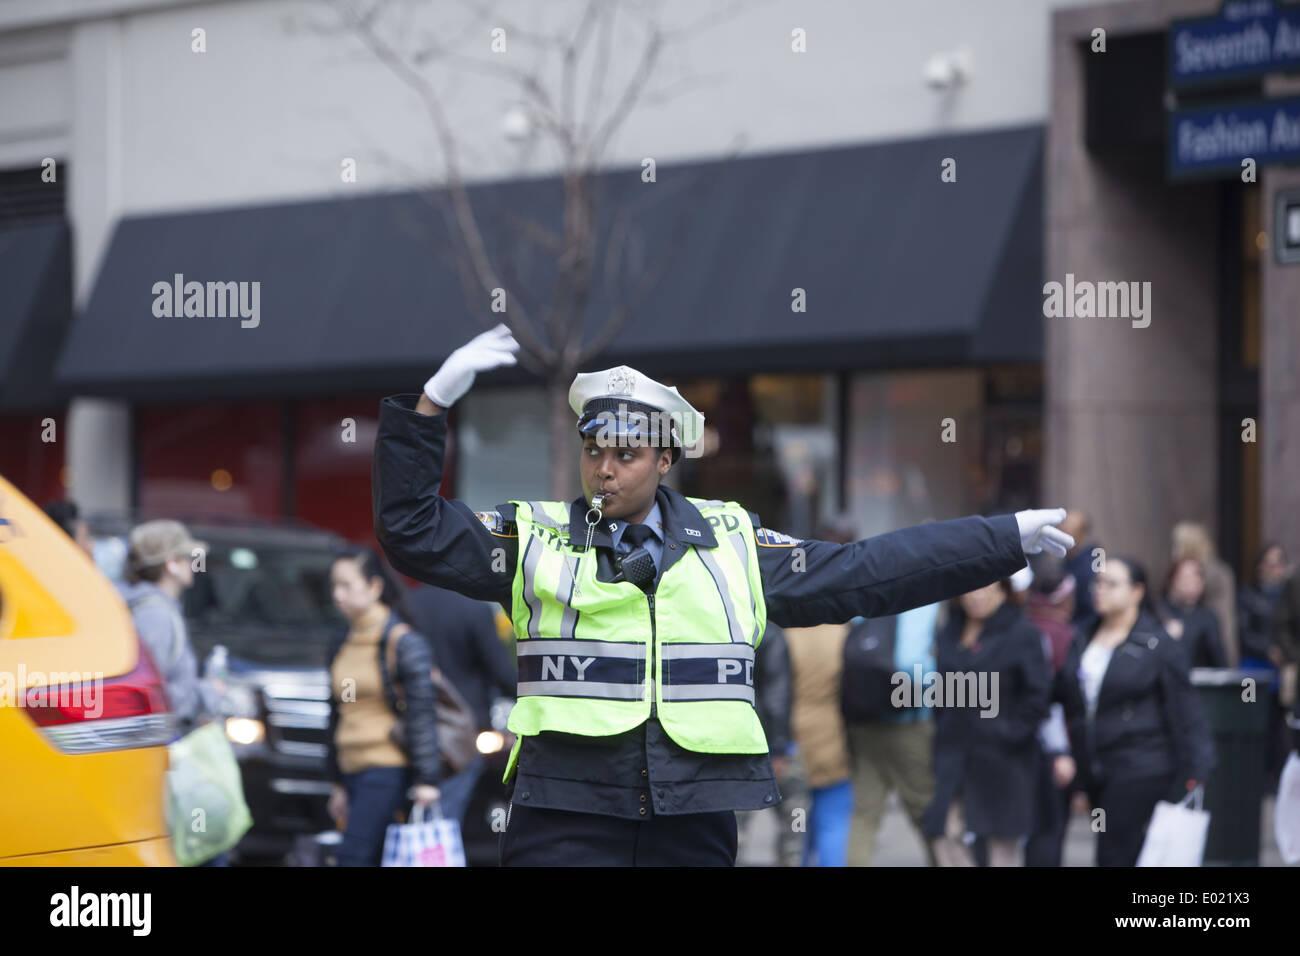 È necessario mantenere la calma anche da un semaforo a 34th & Broadway da Macy's in NYC. Immagini Stock